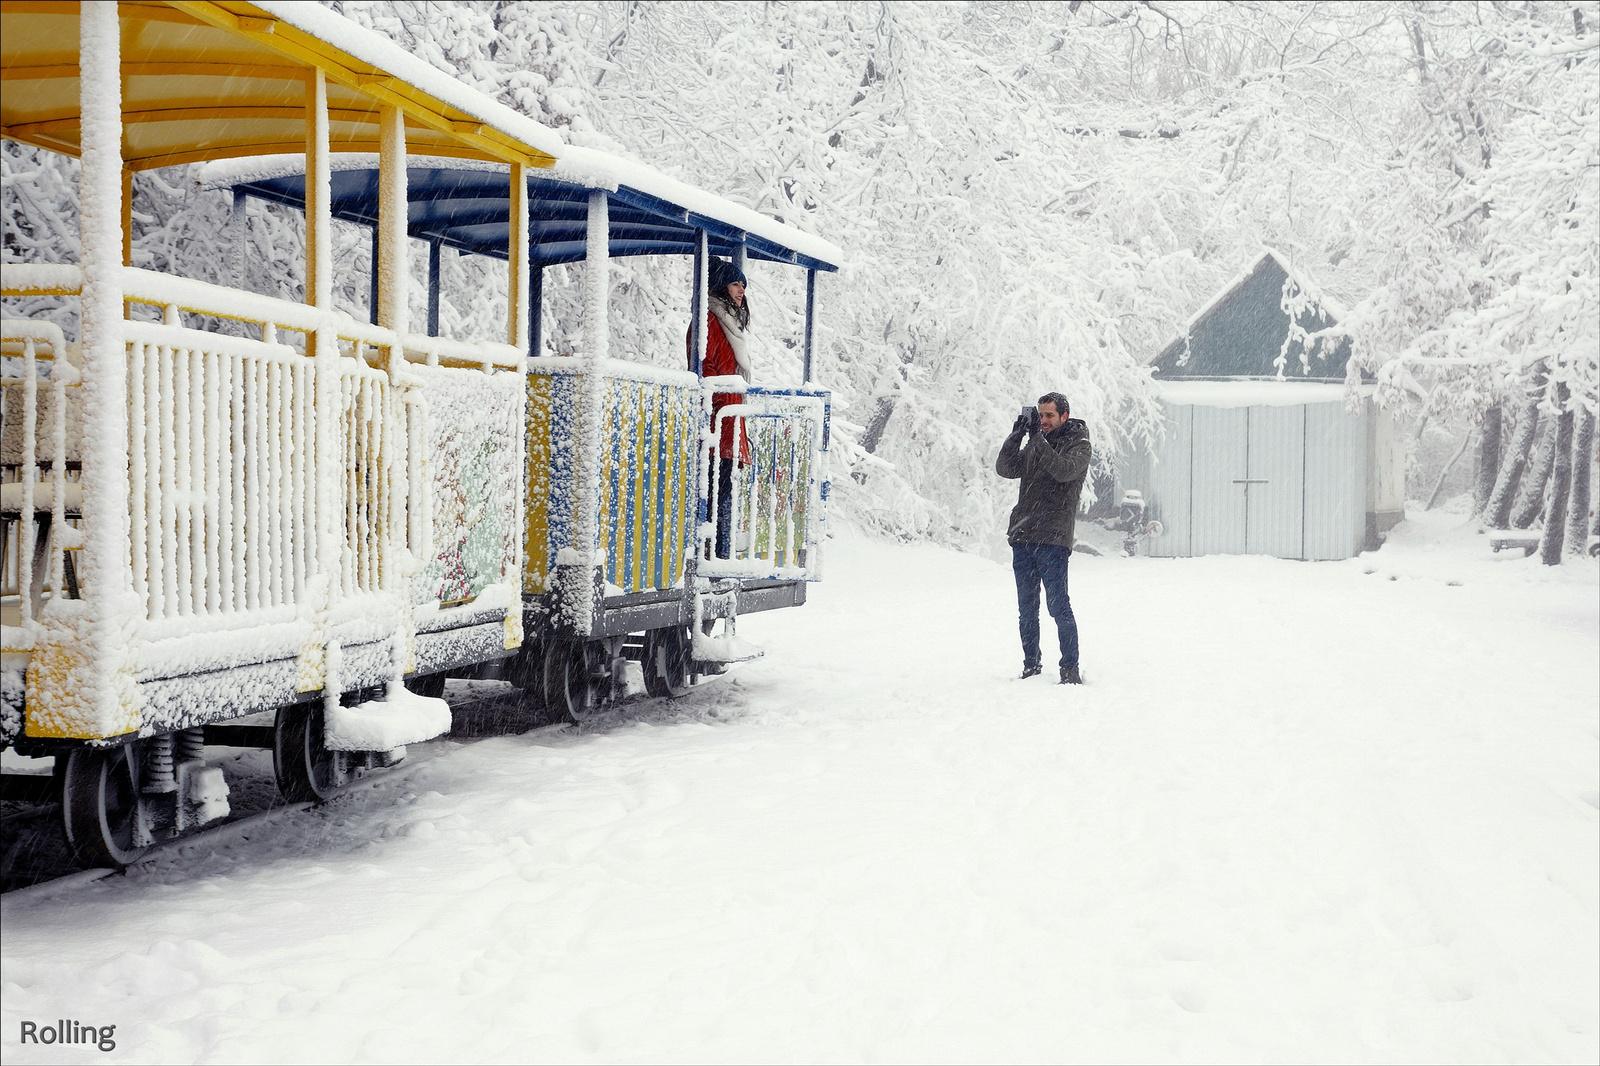 Végre havazik,zik,zik,,,,